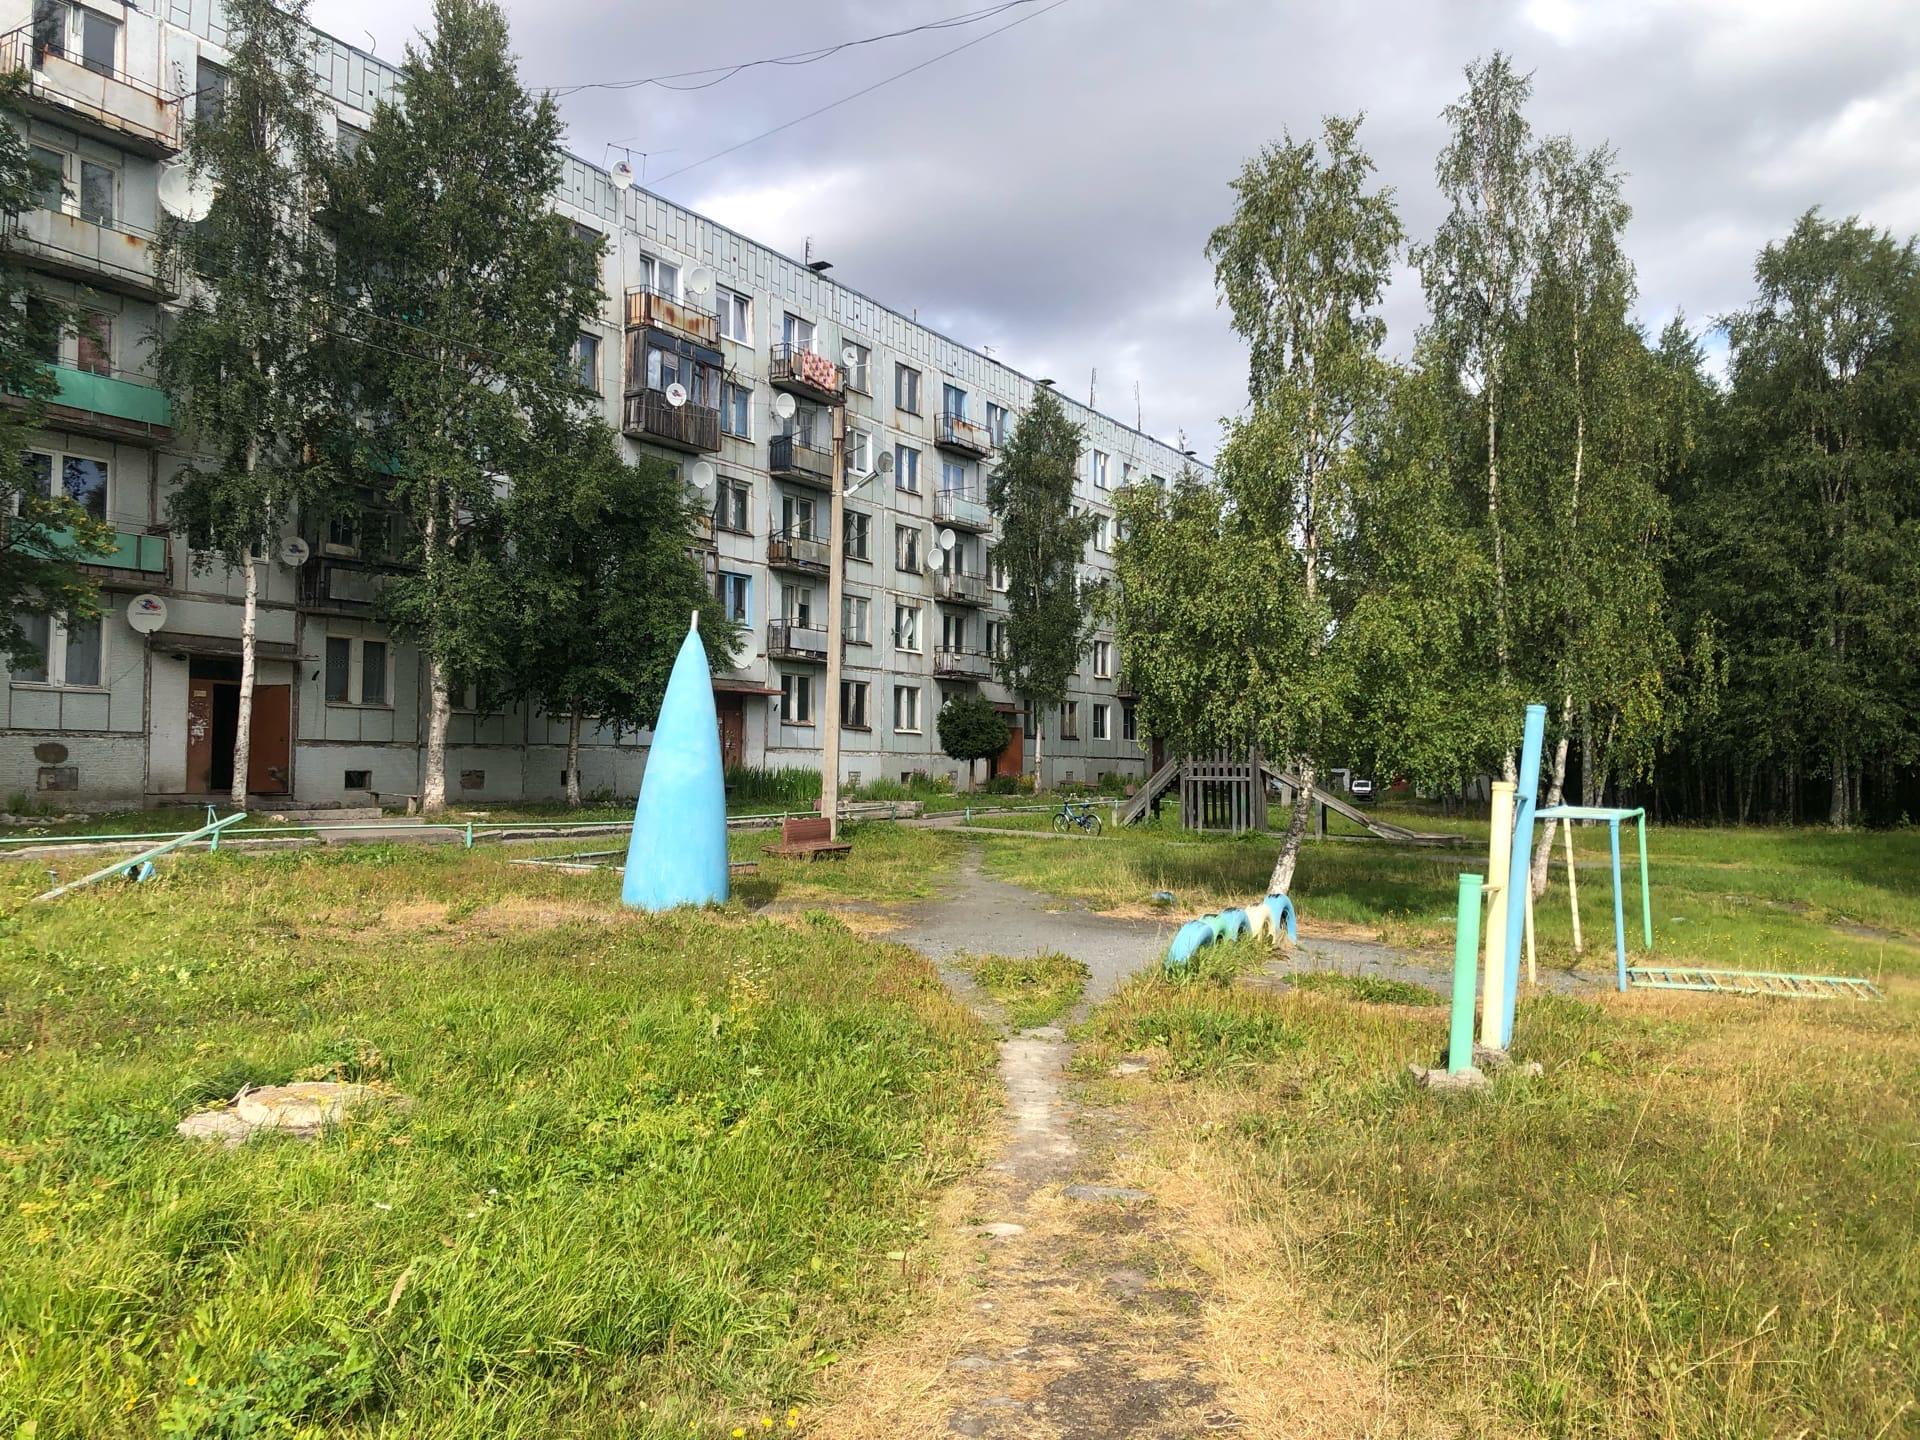 Носовой обтекатель от СУ-15 ТМ на детской площадке посёлка 14 км дороги Кемь-Кал - Фото